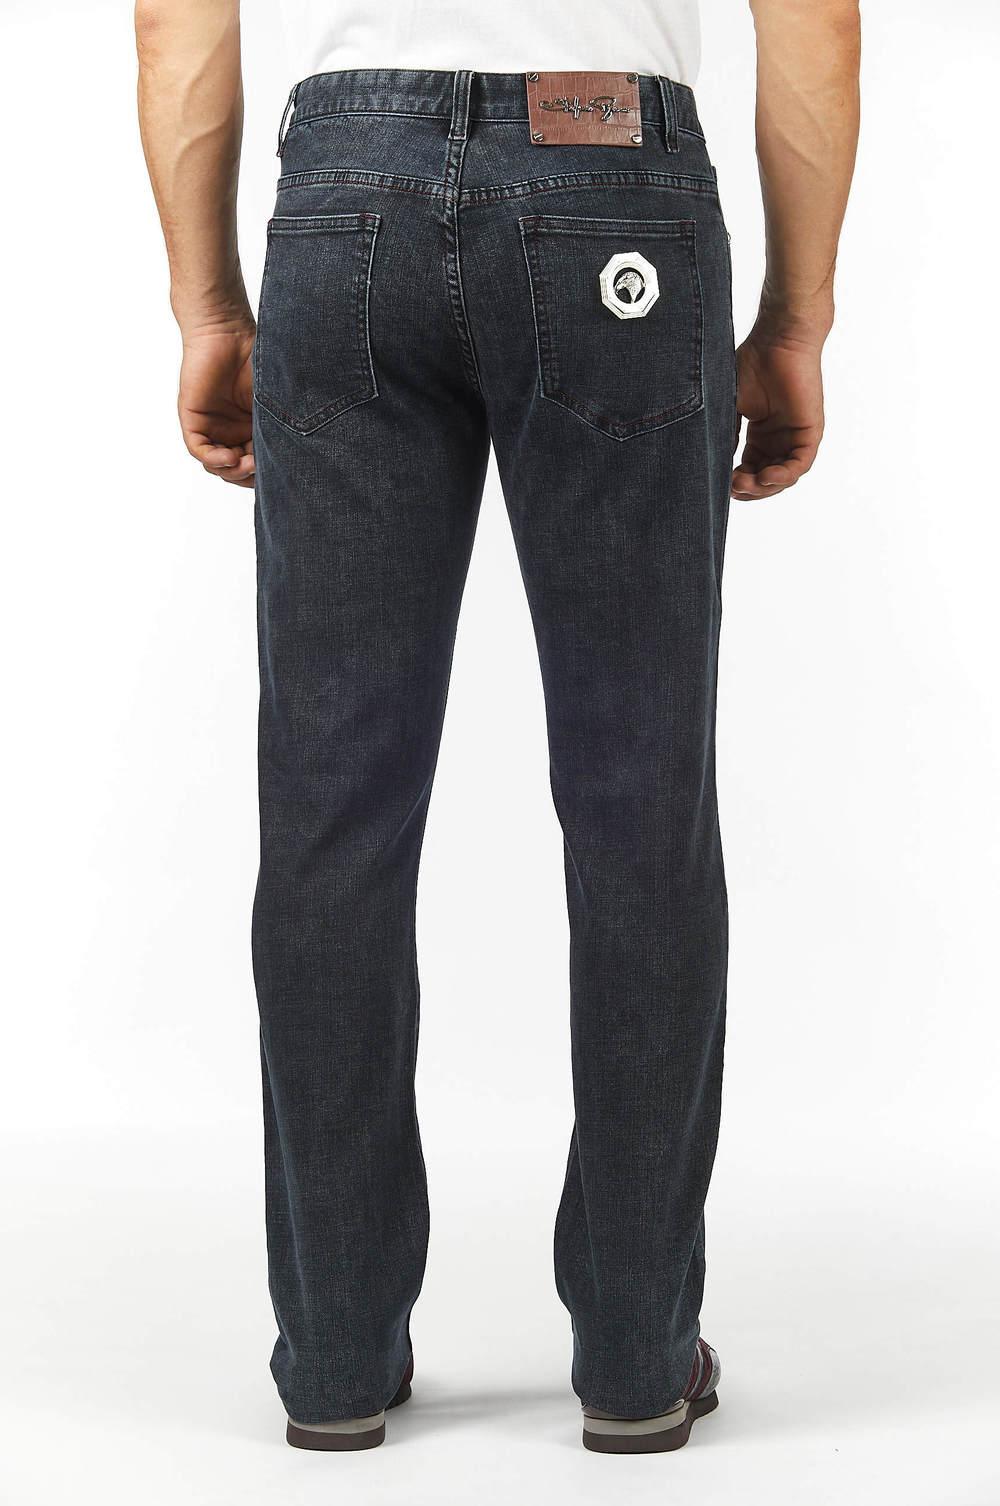 الملياردير الرجال الجينز المطرزة المطبوعة الجينز رشاقته صالح سليم الدينيم خدش جينز عالي الجودة